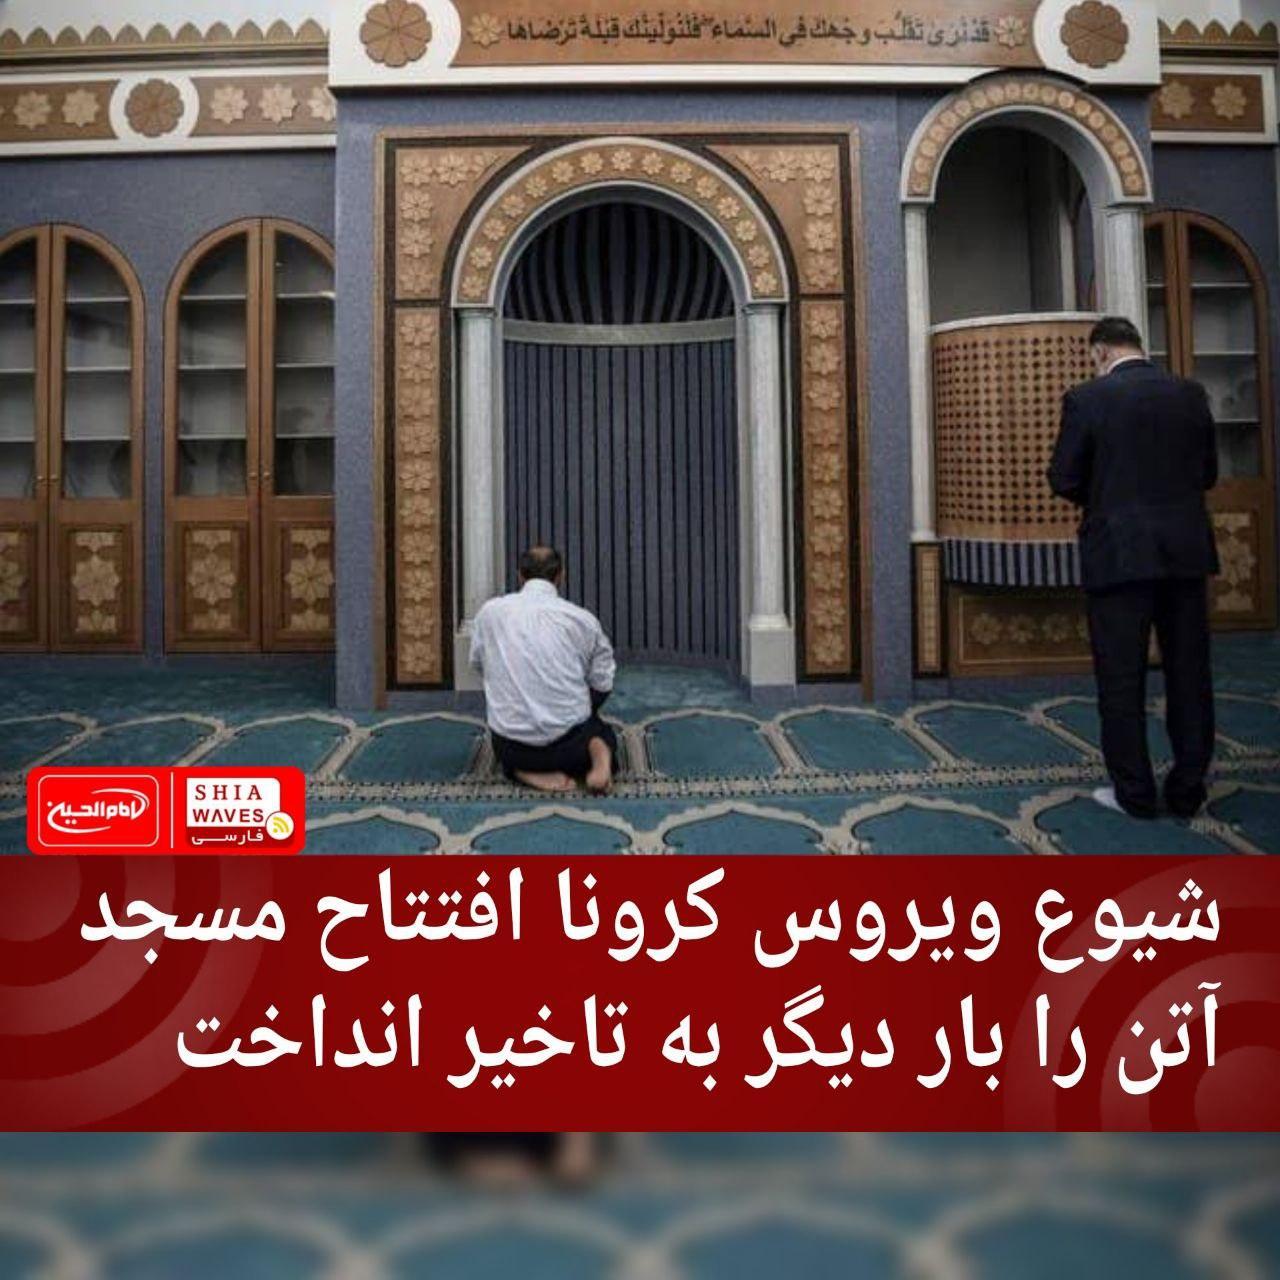 تصویر شیوع ویروس کرونا افتتاح مسجد آتن را بار دیگر به تاخیر انداخت